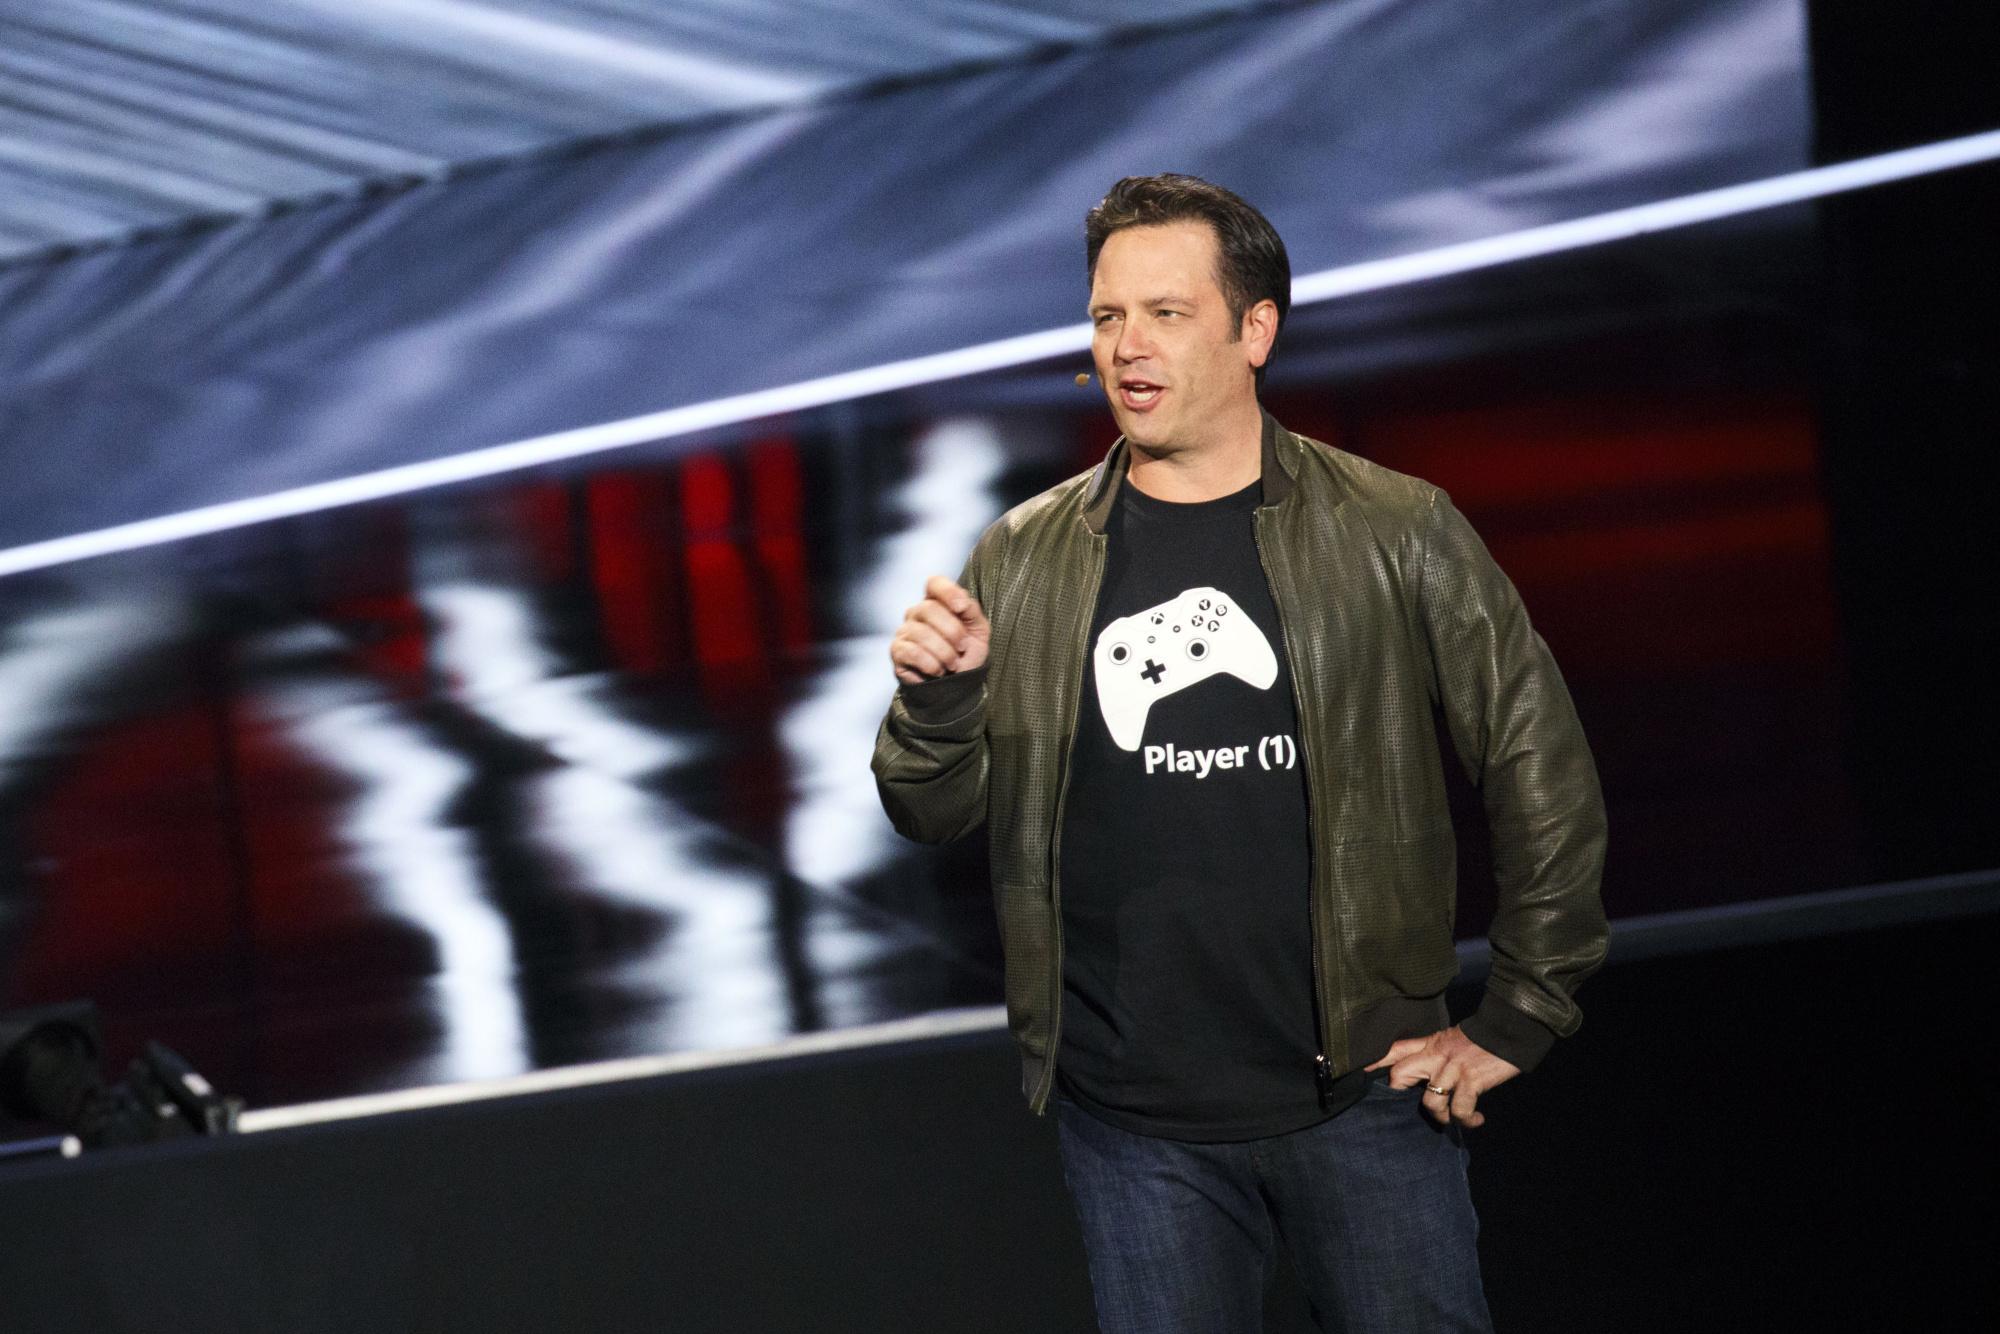 Ubisoft acredita que novos consoles serão anunciados à partir de 2020